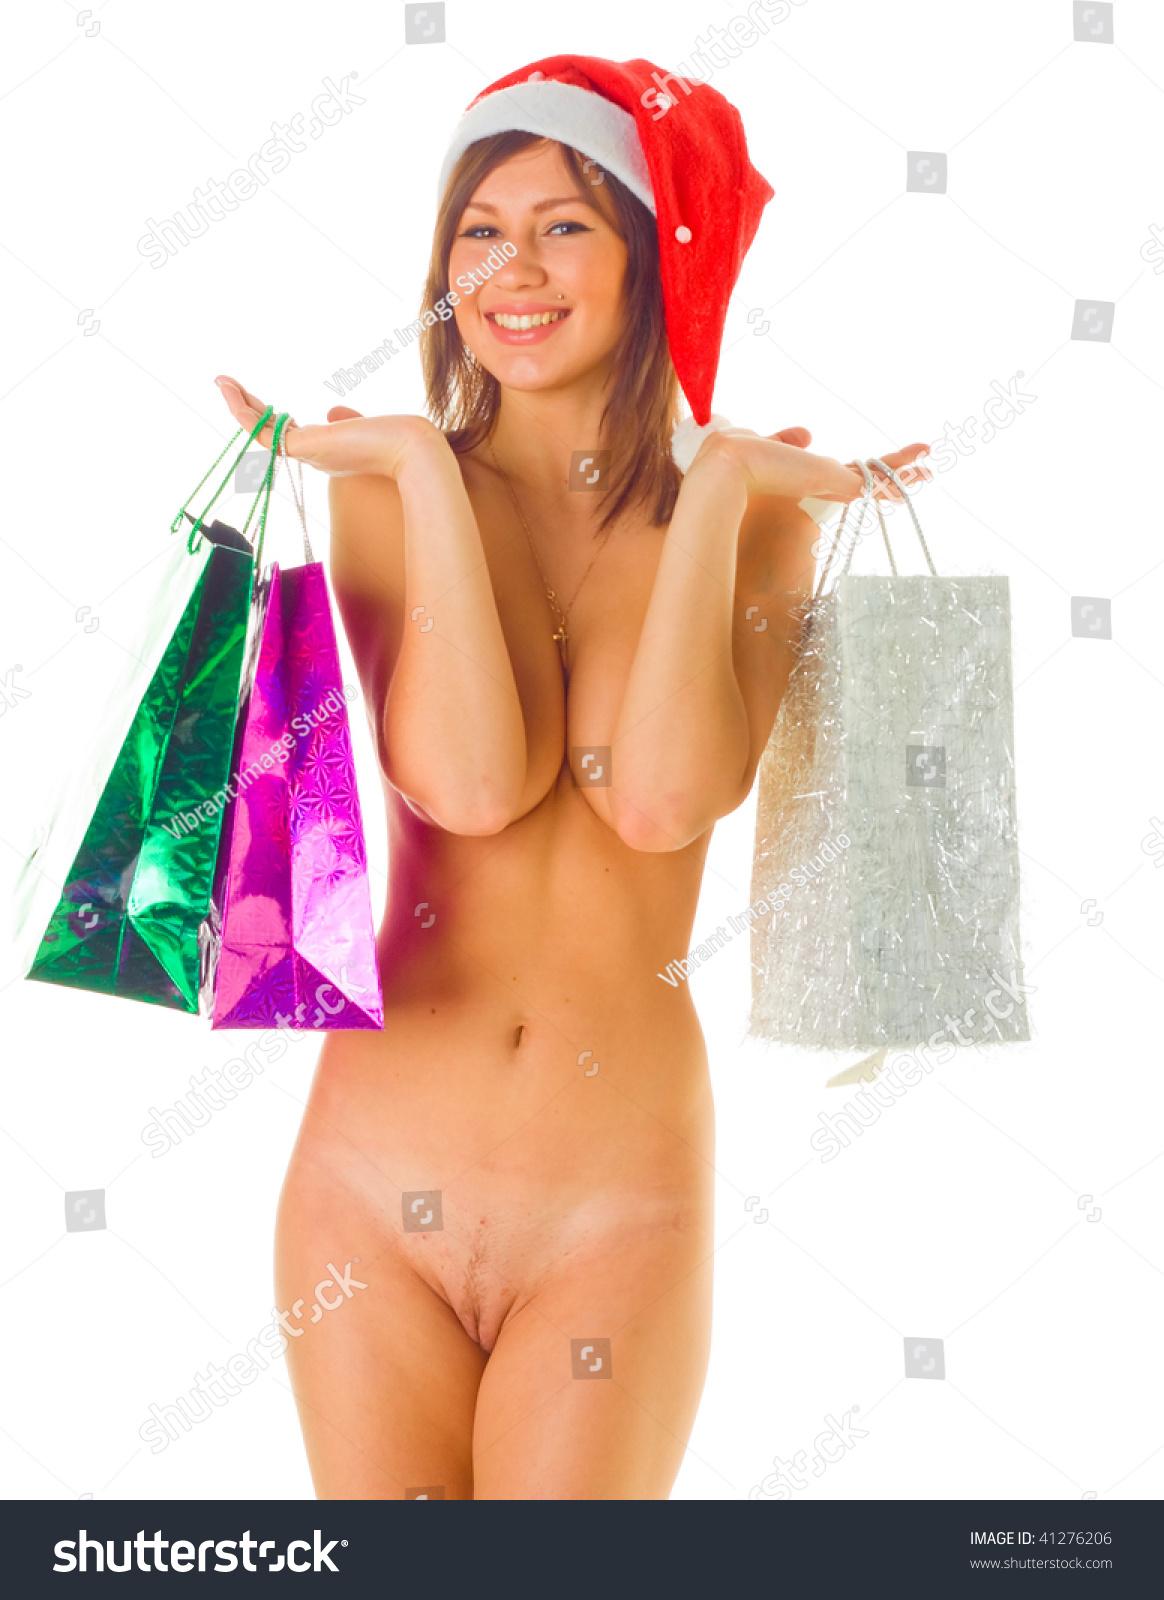 santa clause nude